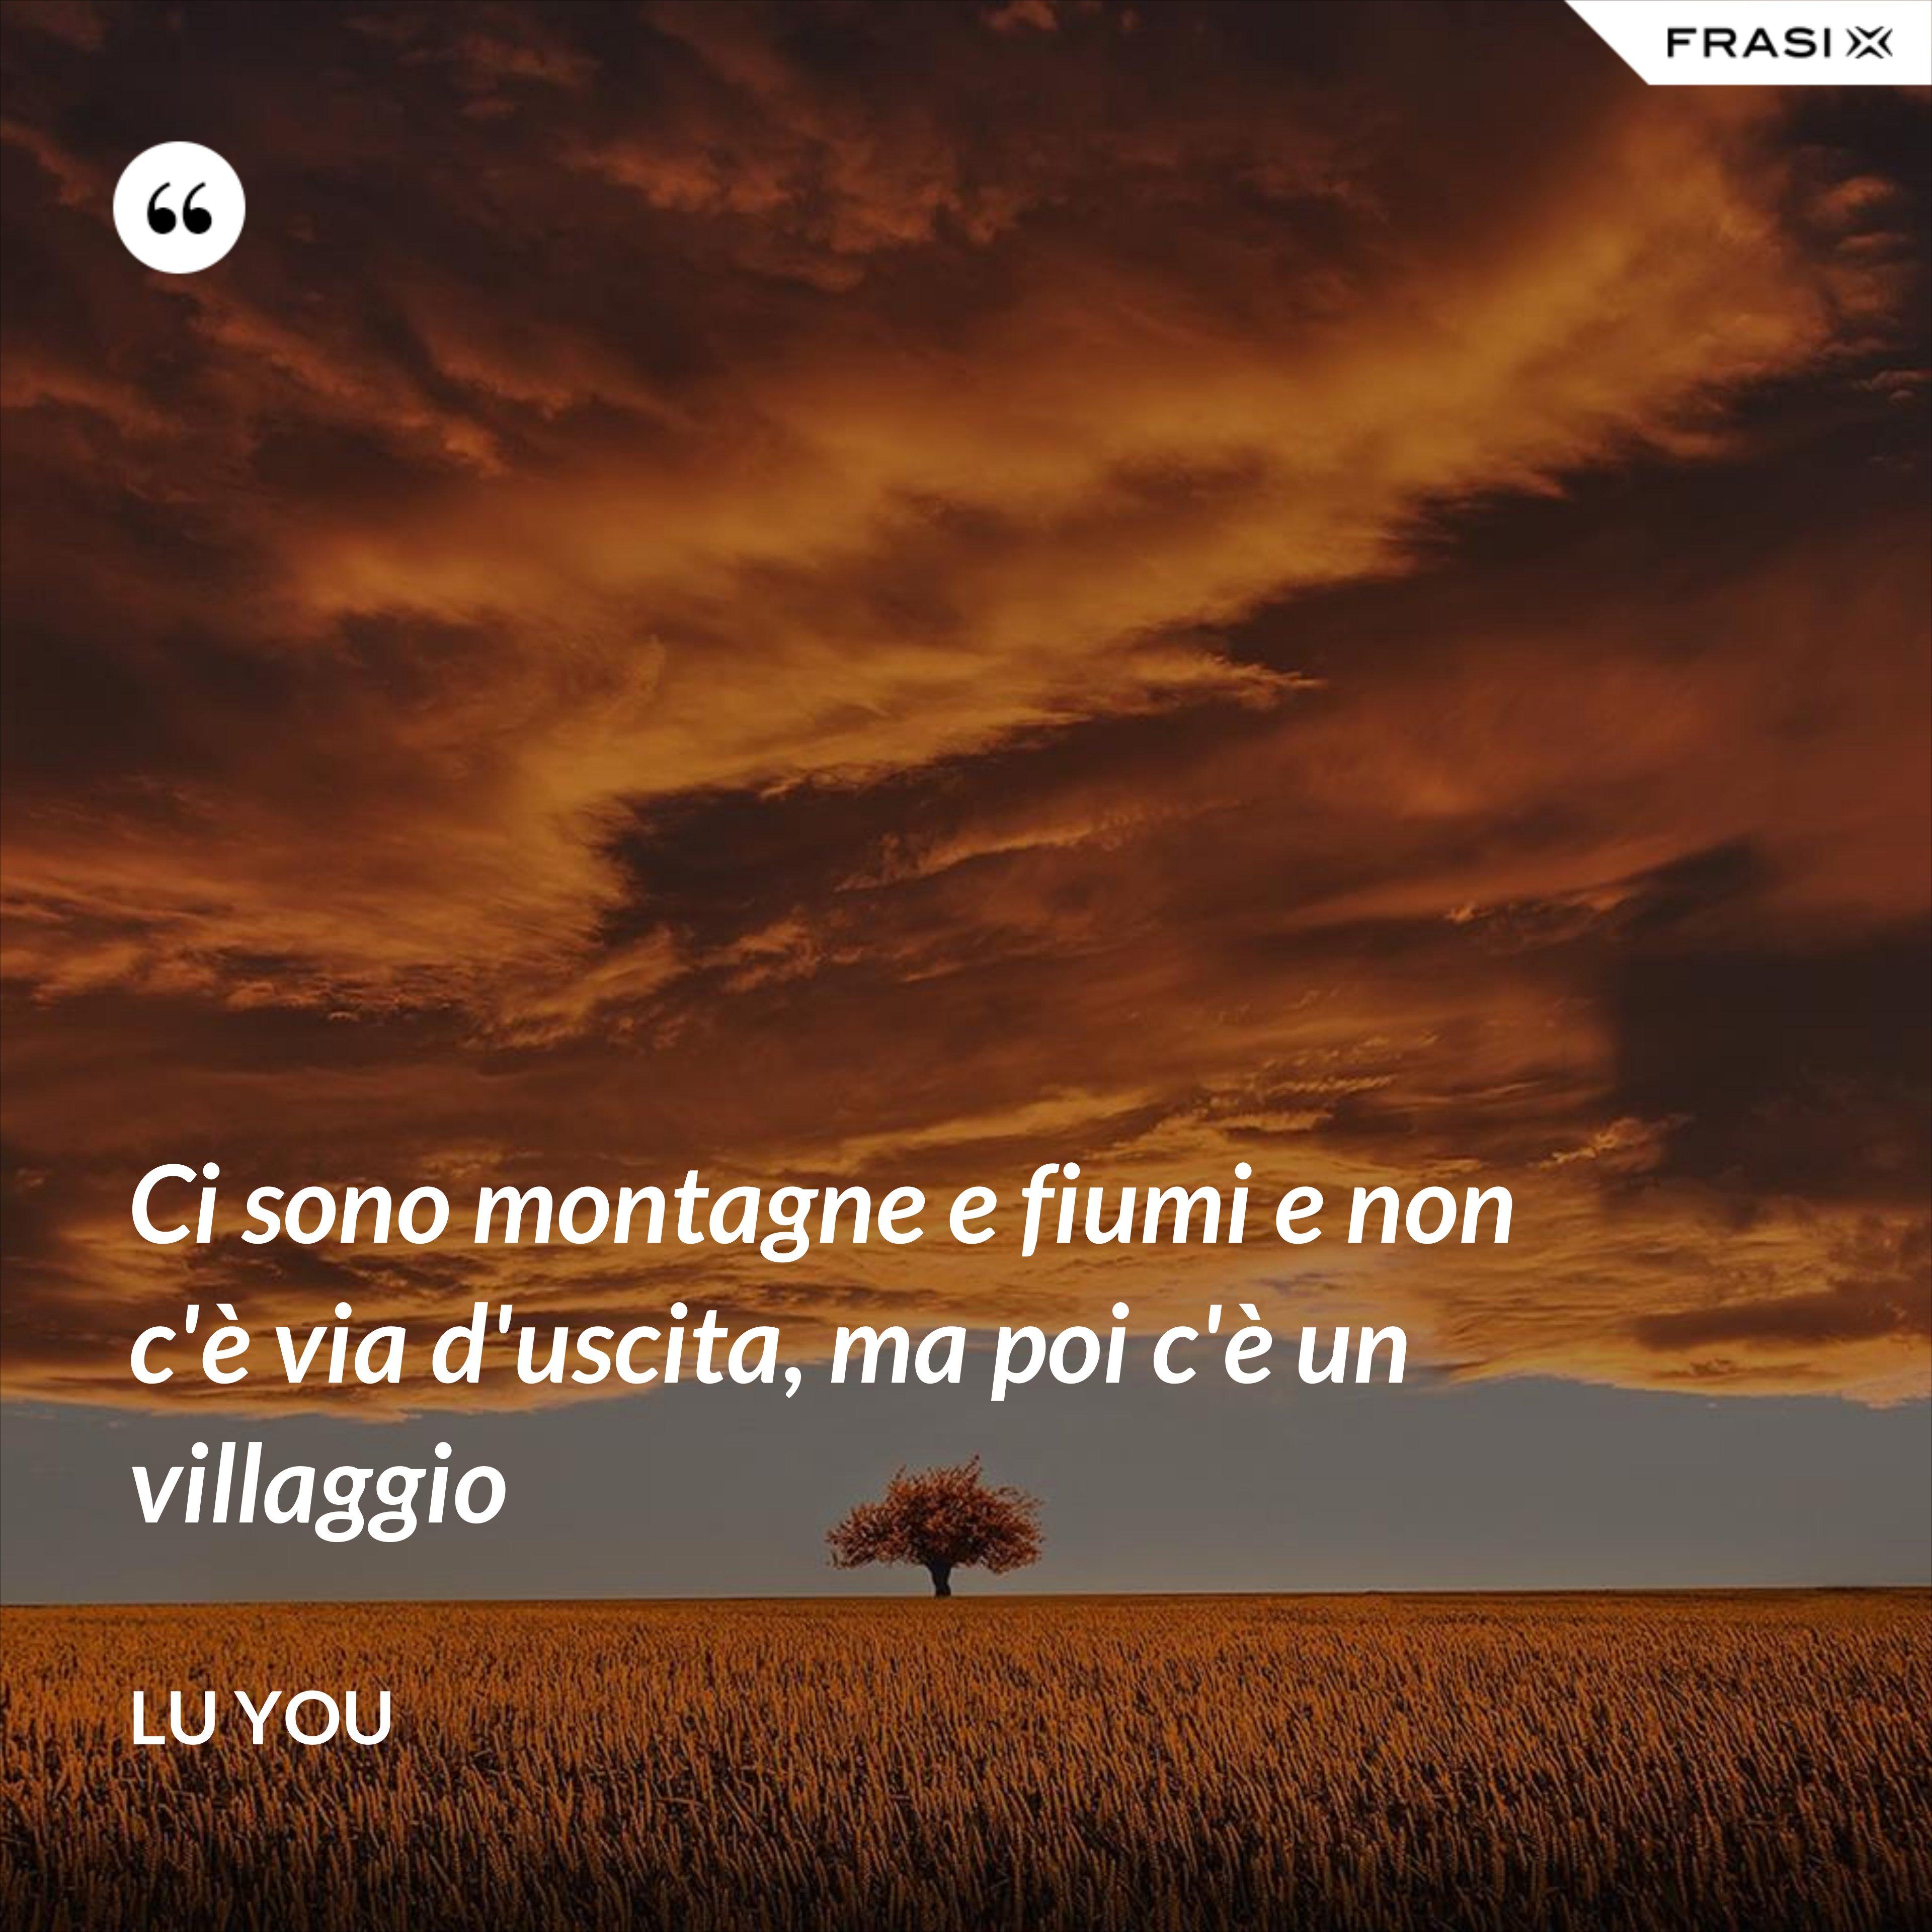 Ci sono montagne e fiumi e non c'è via d'uscita, ma poi c'è un villaggio - Lu You